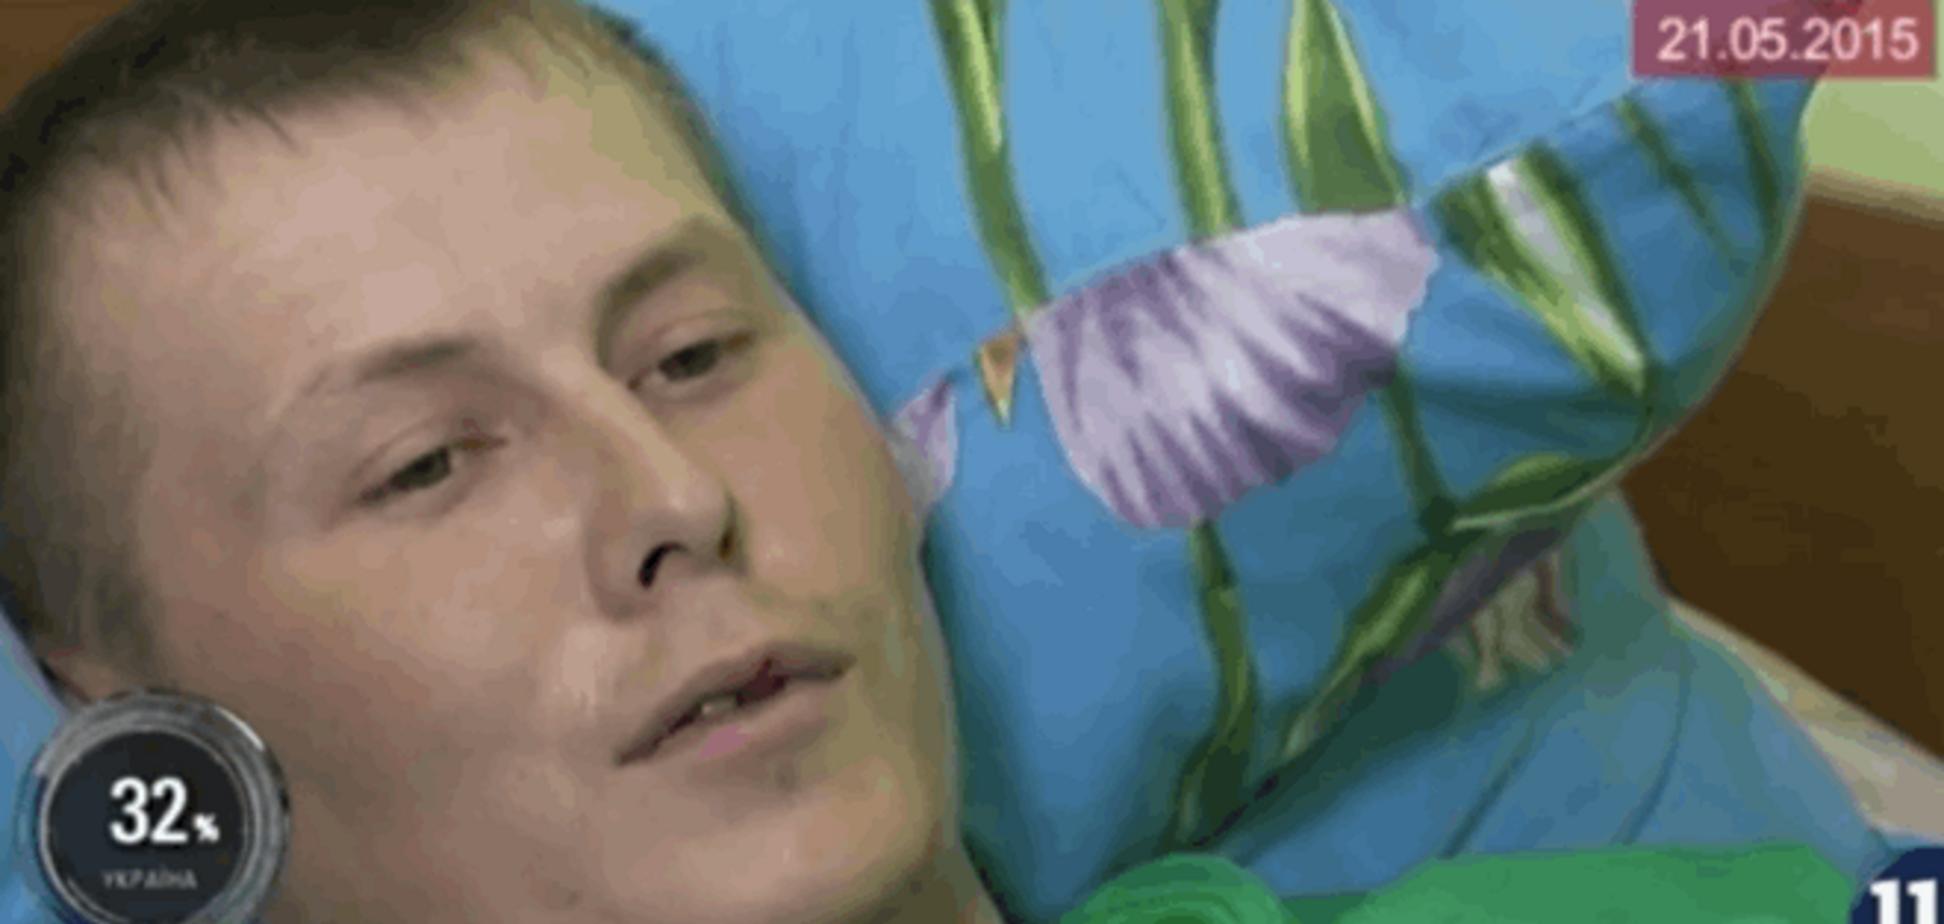 Загиблих на Донбасі росіян достатньо - полонений спецназівець